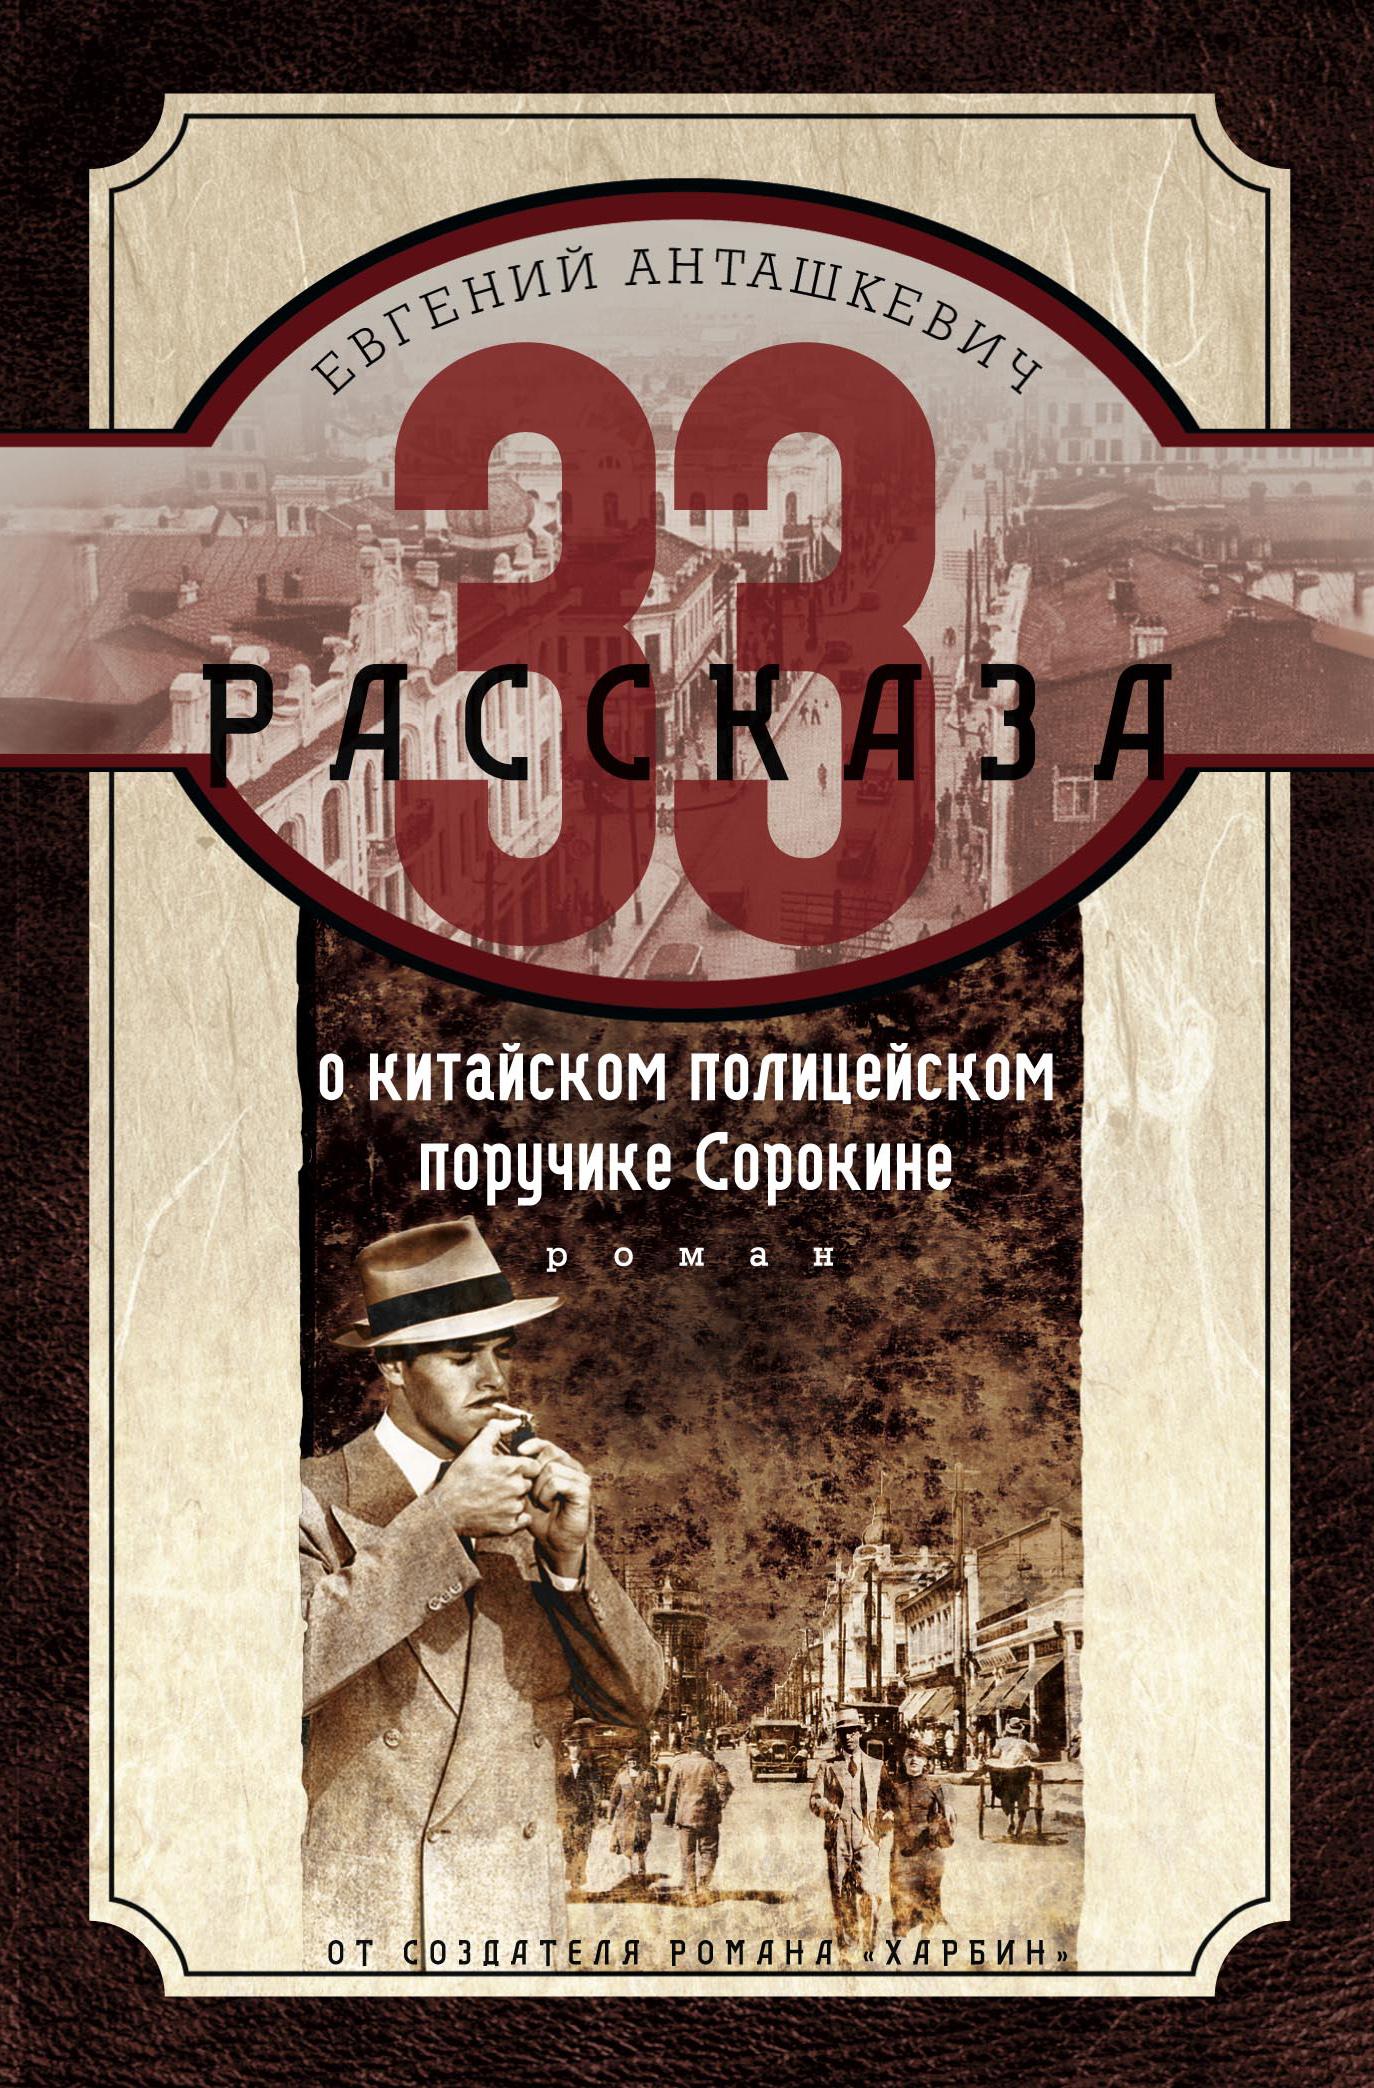 Евгений Анташкевич 33 рассказа о китайском полицейском поручике Сорокине анташкевич е харбин освобождение роман